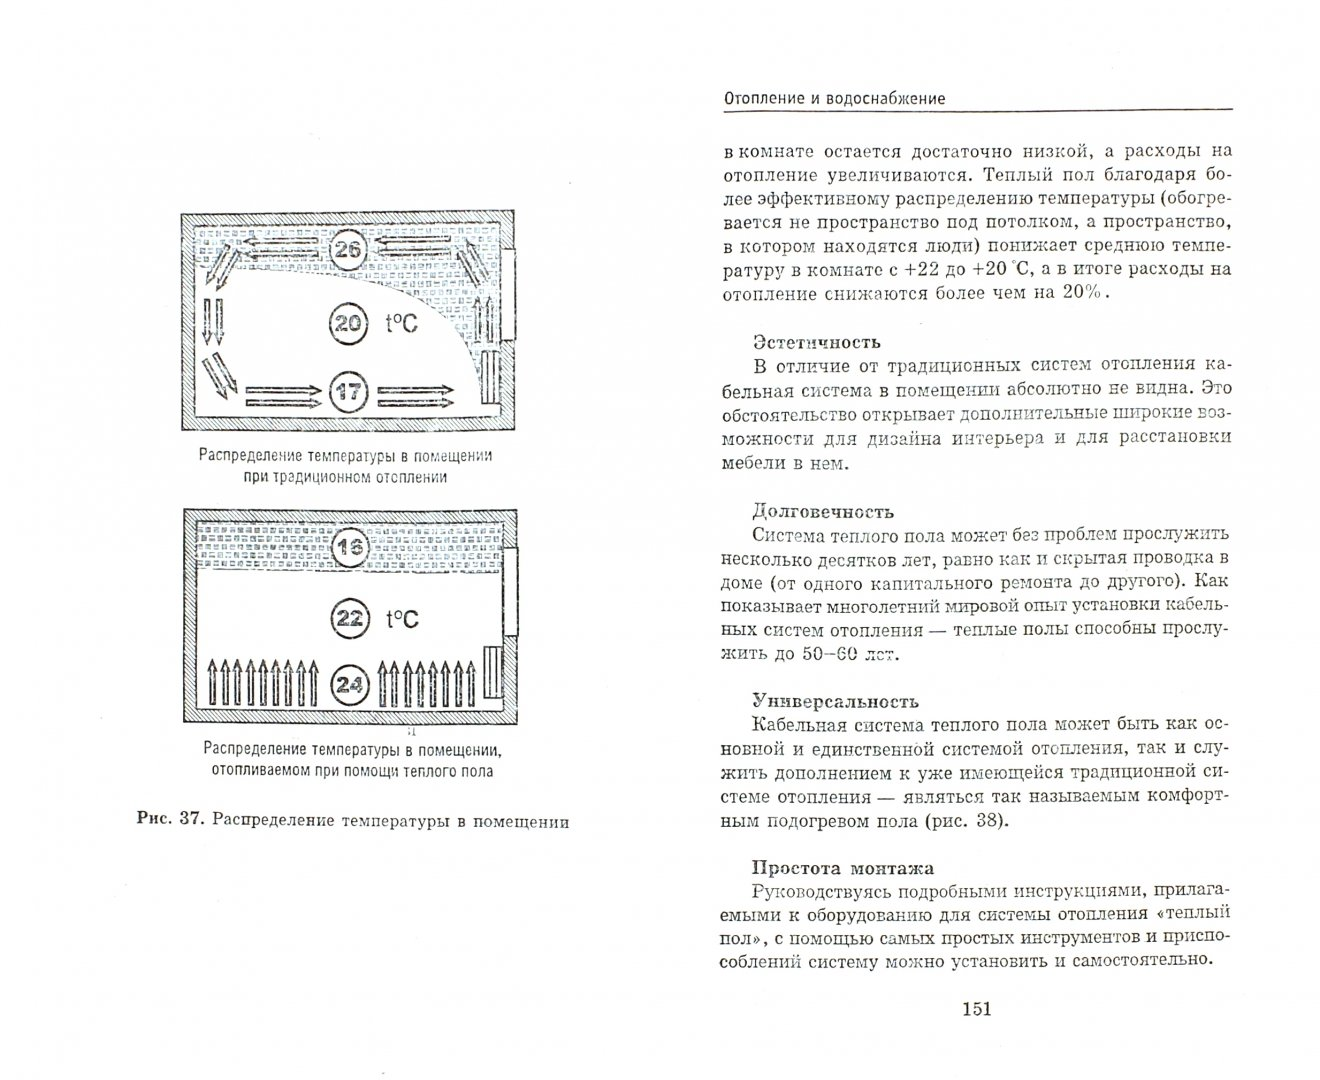 Иллюстрация 1 из 22 для Евроремонт и перепланировка квартиры - Алексей Зорин | Лабиринт - книги. Источник: Лабиринт